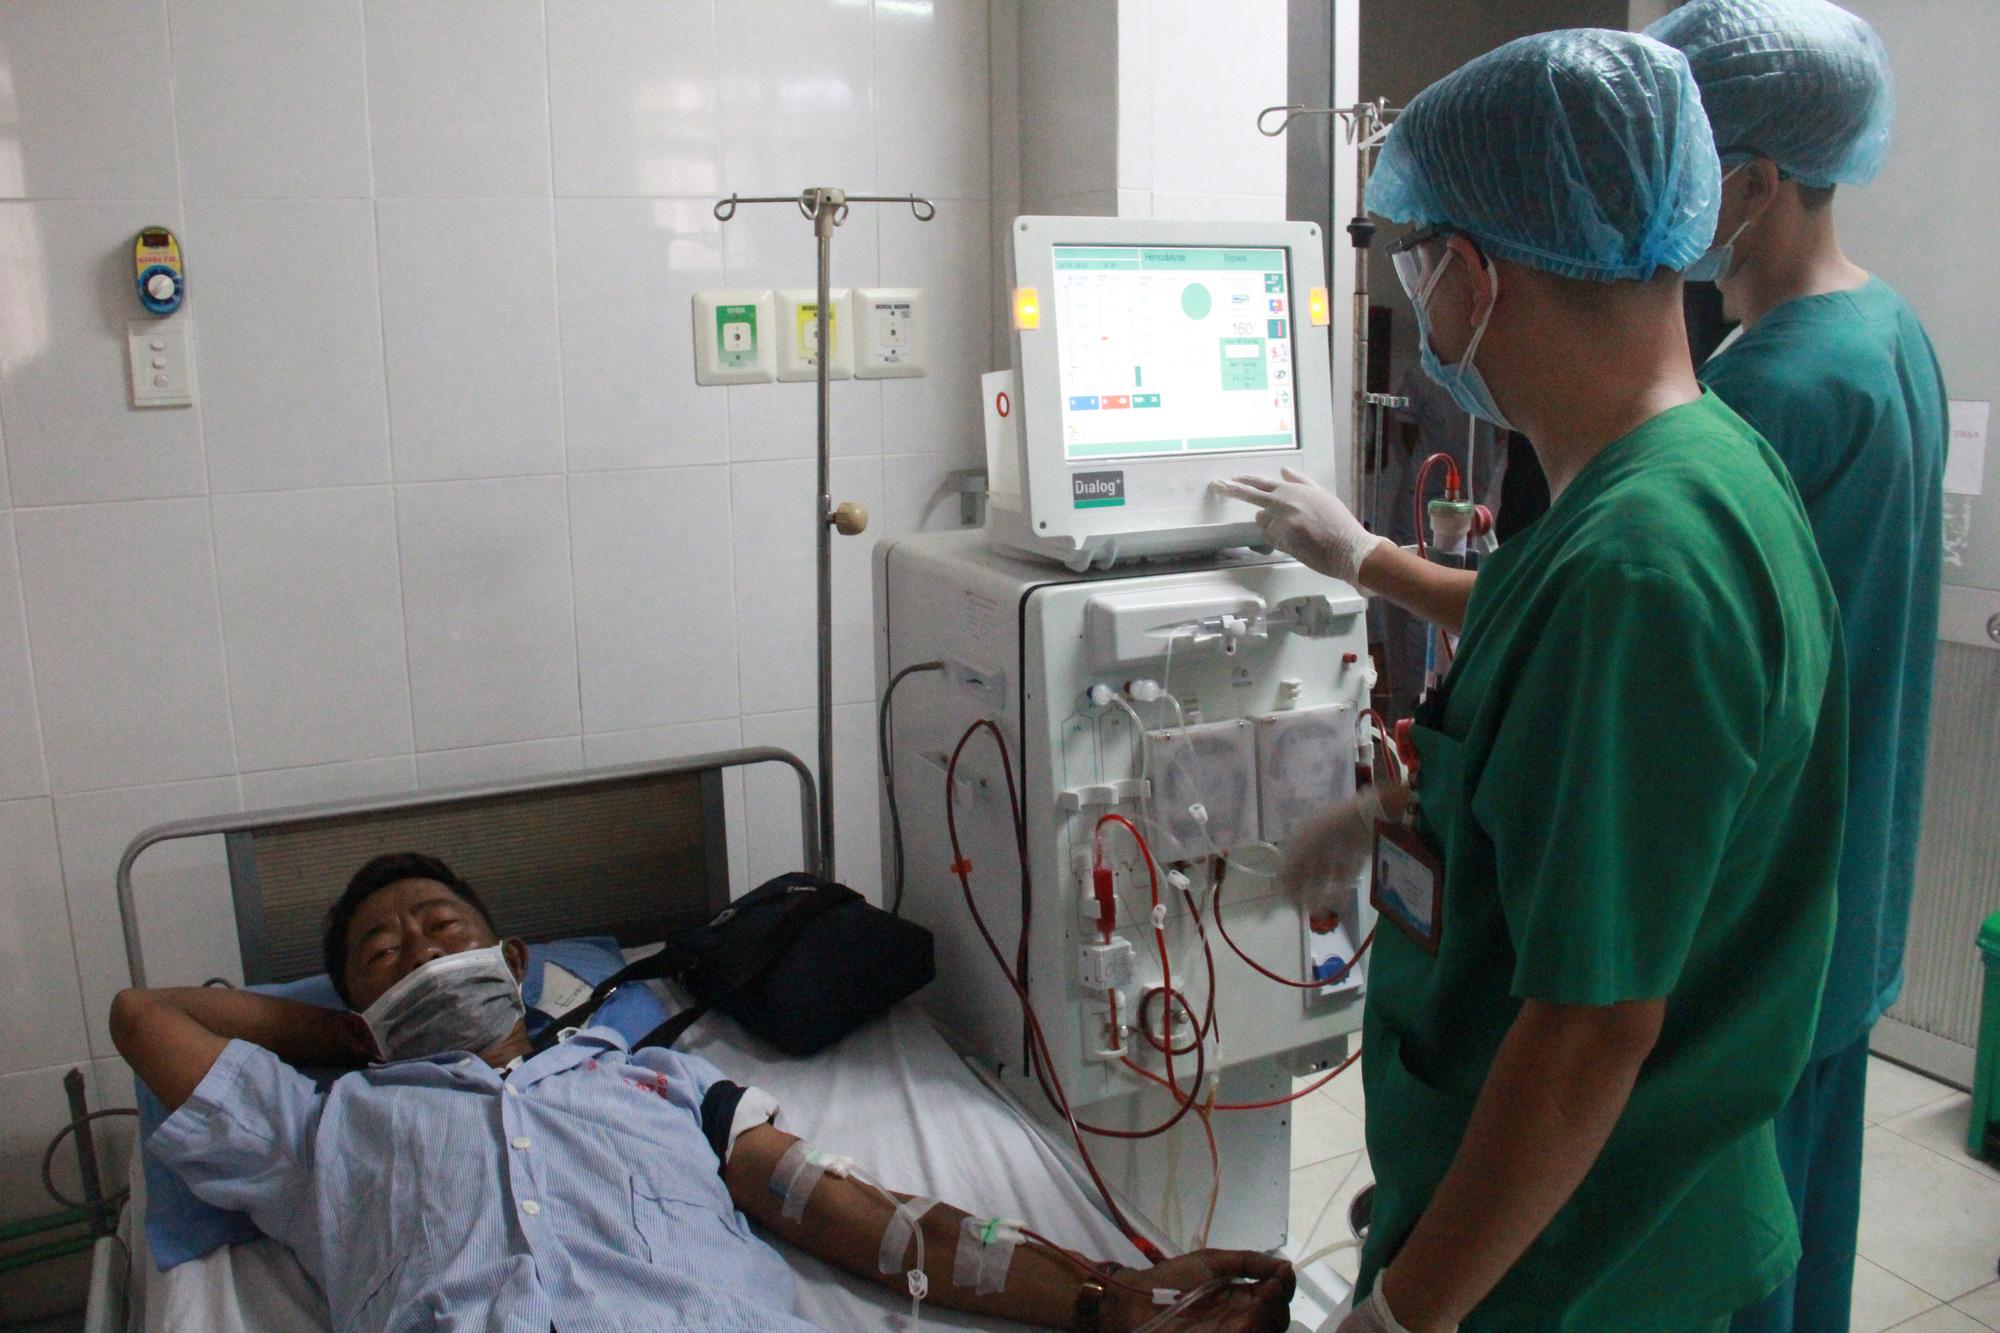 Chuyển người chạy thận Bệnh viện C Đà Nẵng sang Bệnh viện 199 - Ảnh 3.